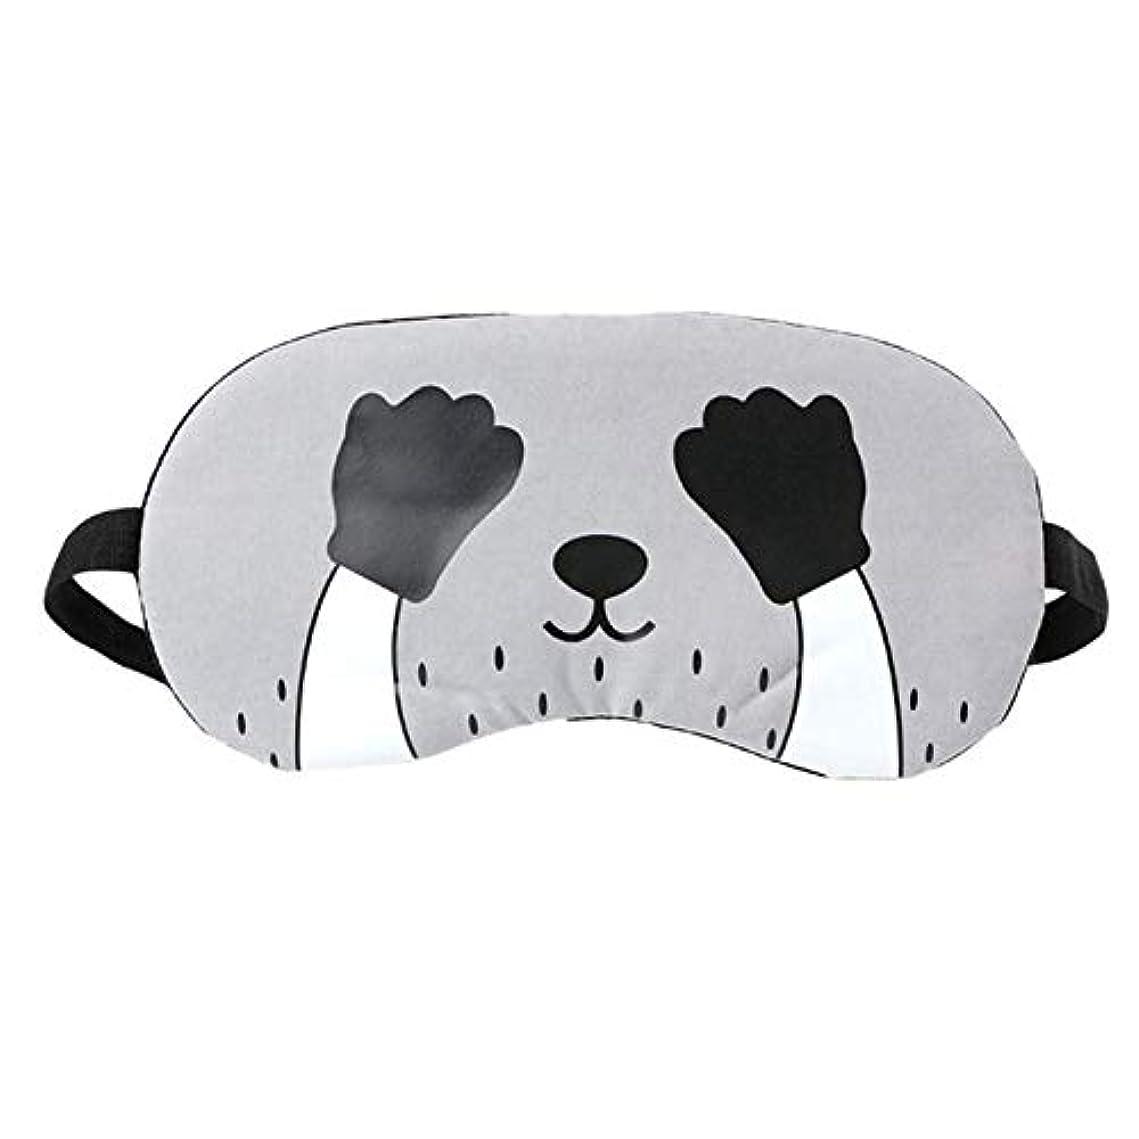 続けるラリー圧力NOTE 1ピース睡眠アイマスクかわいい漫画アイス圧縮印刷アイパッチ目隠し睡眠マスク用ニップ睡眠旅行